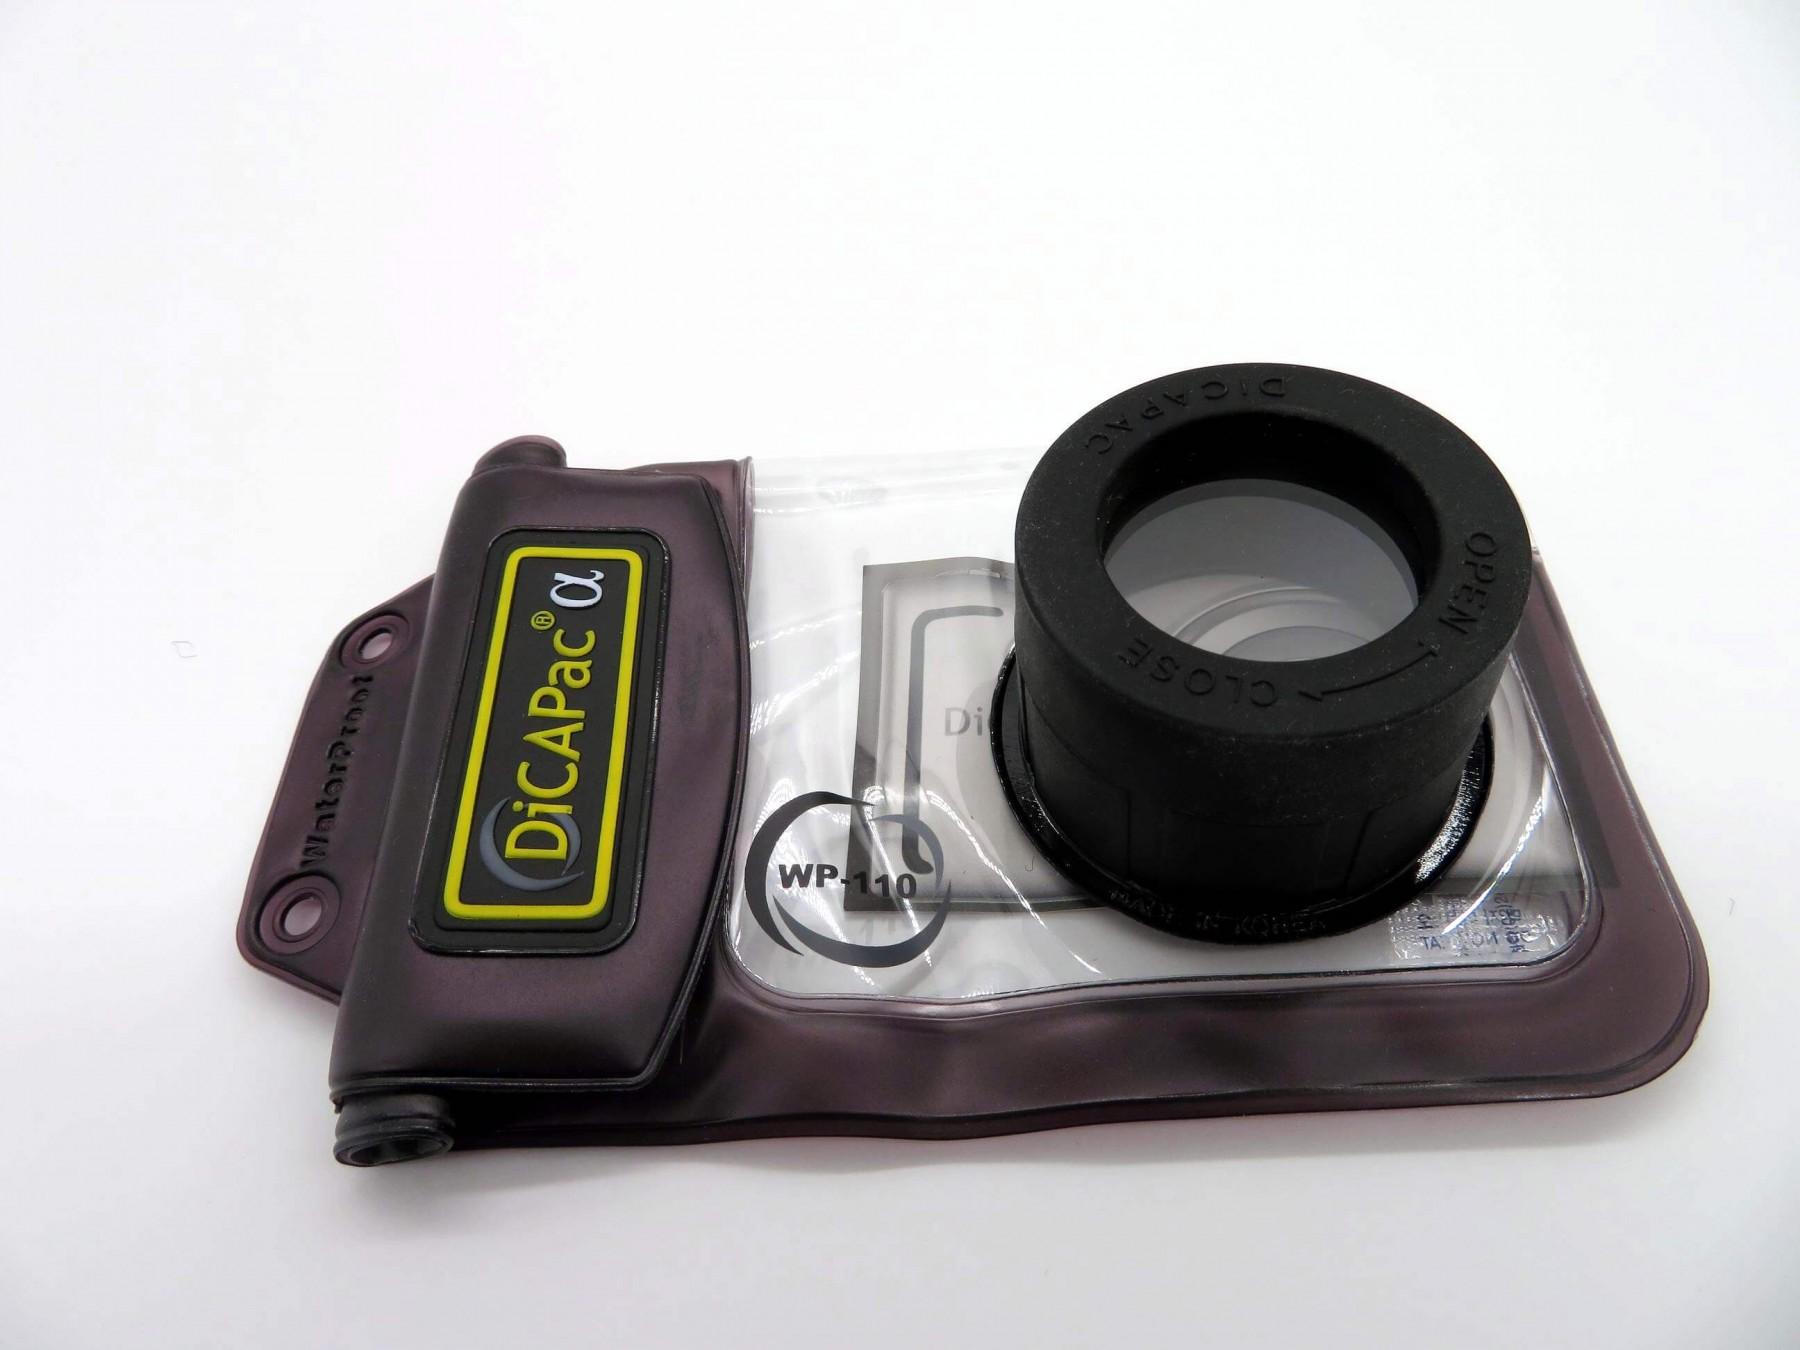 wasserdichte Kamerahülle DiCAPac WP-110 - fertig verpackte kamera